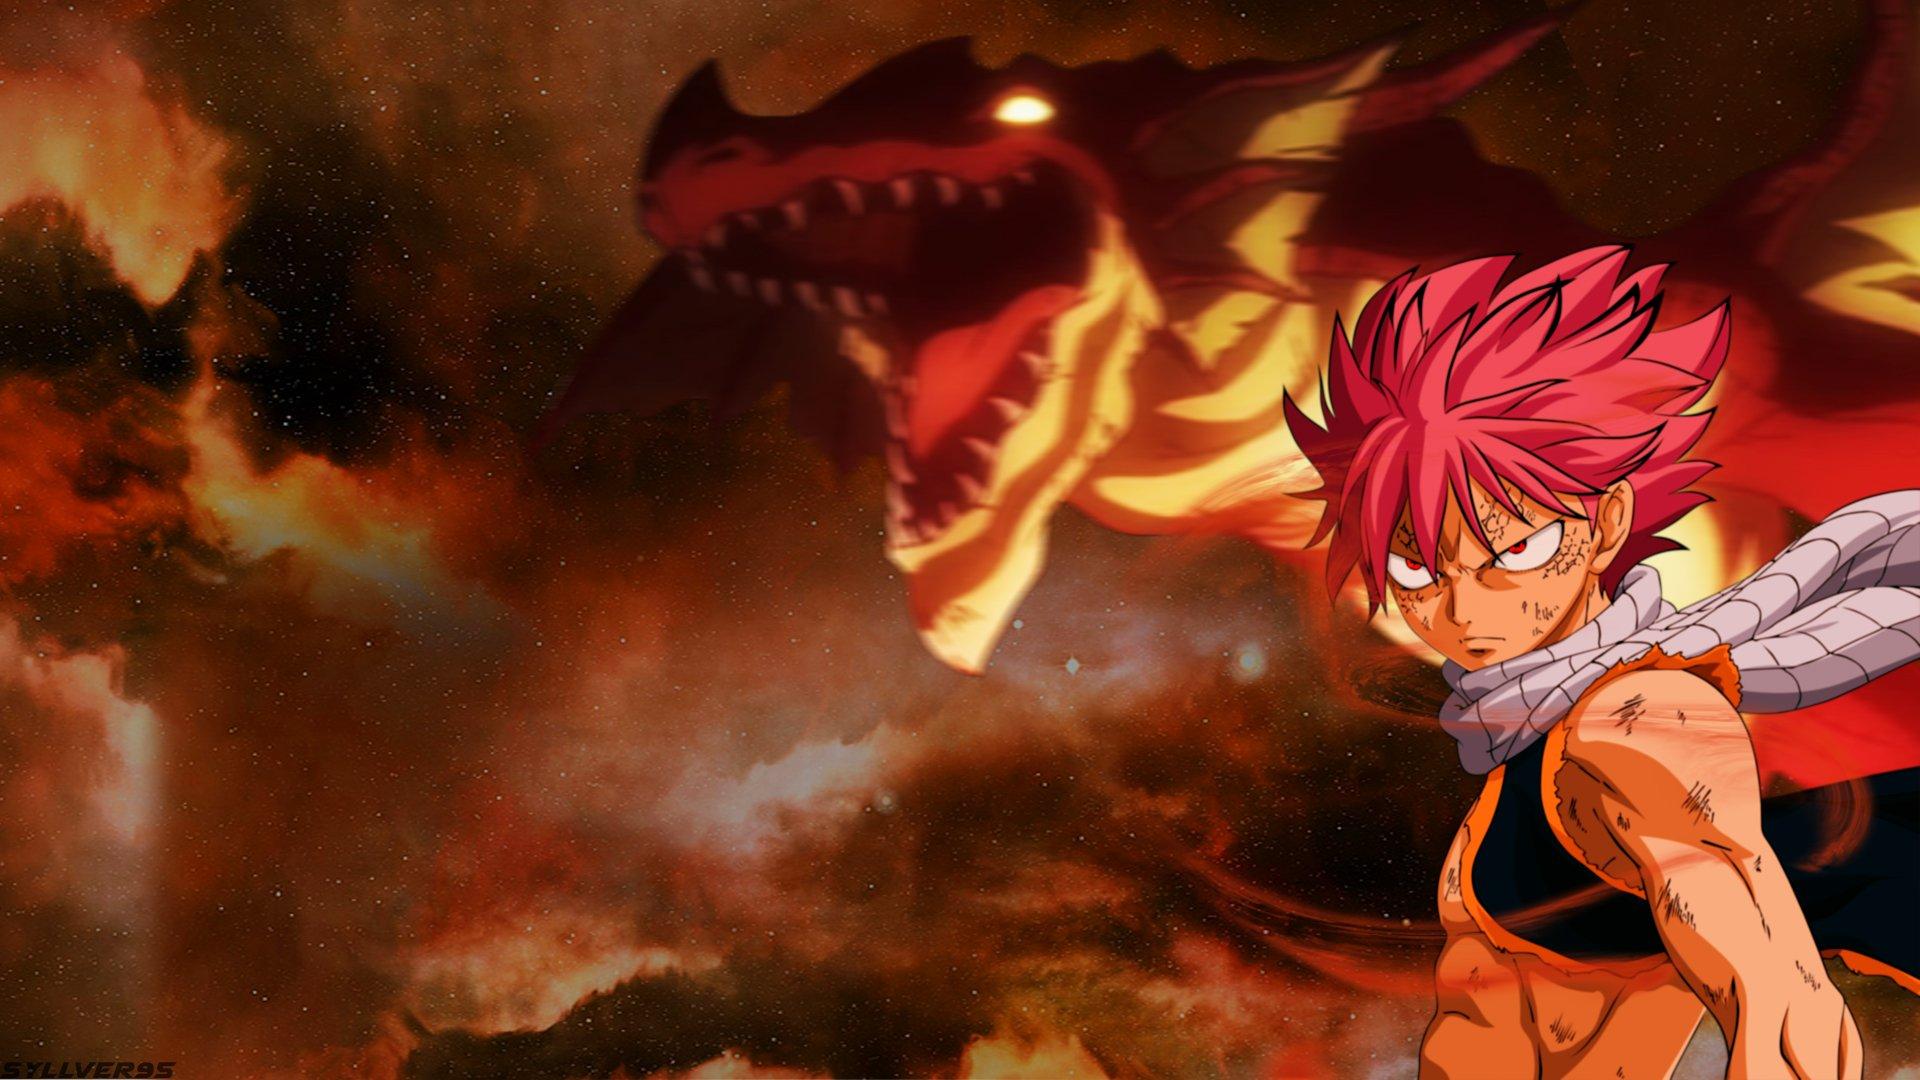 dragon strike live wallpaper download